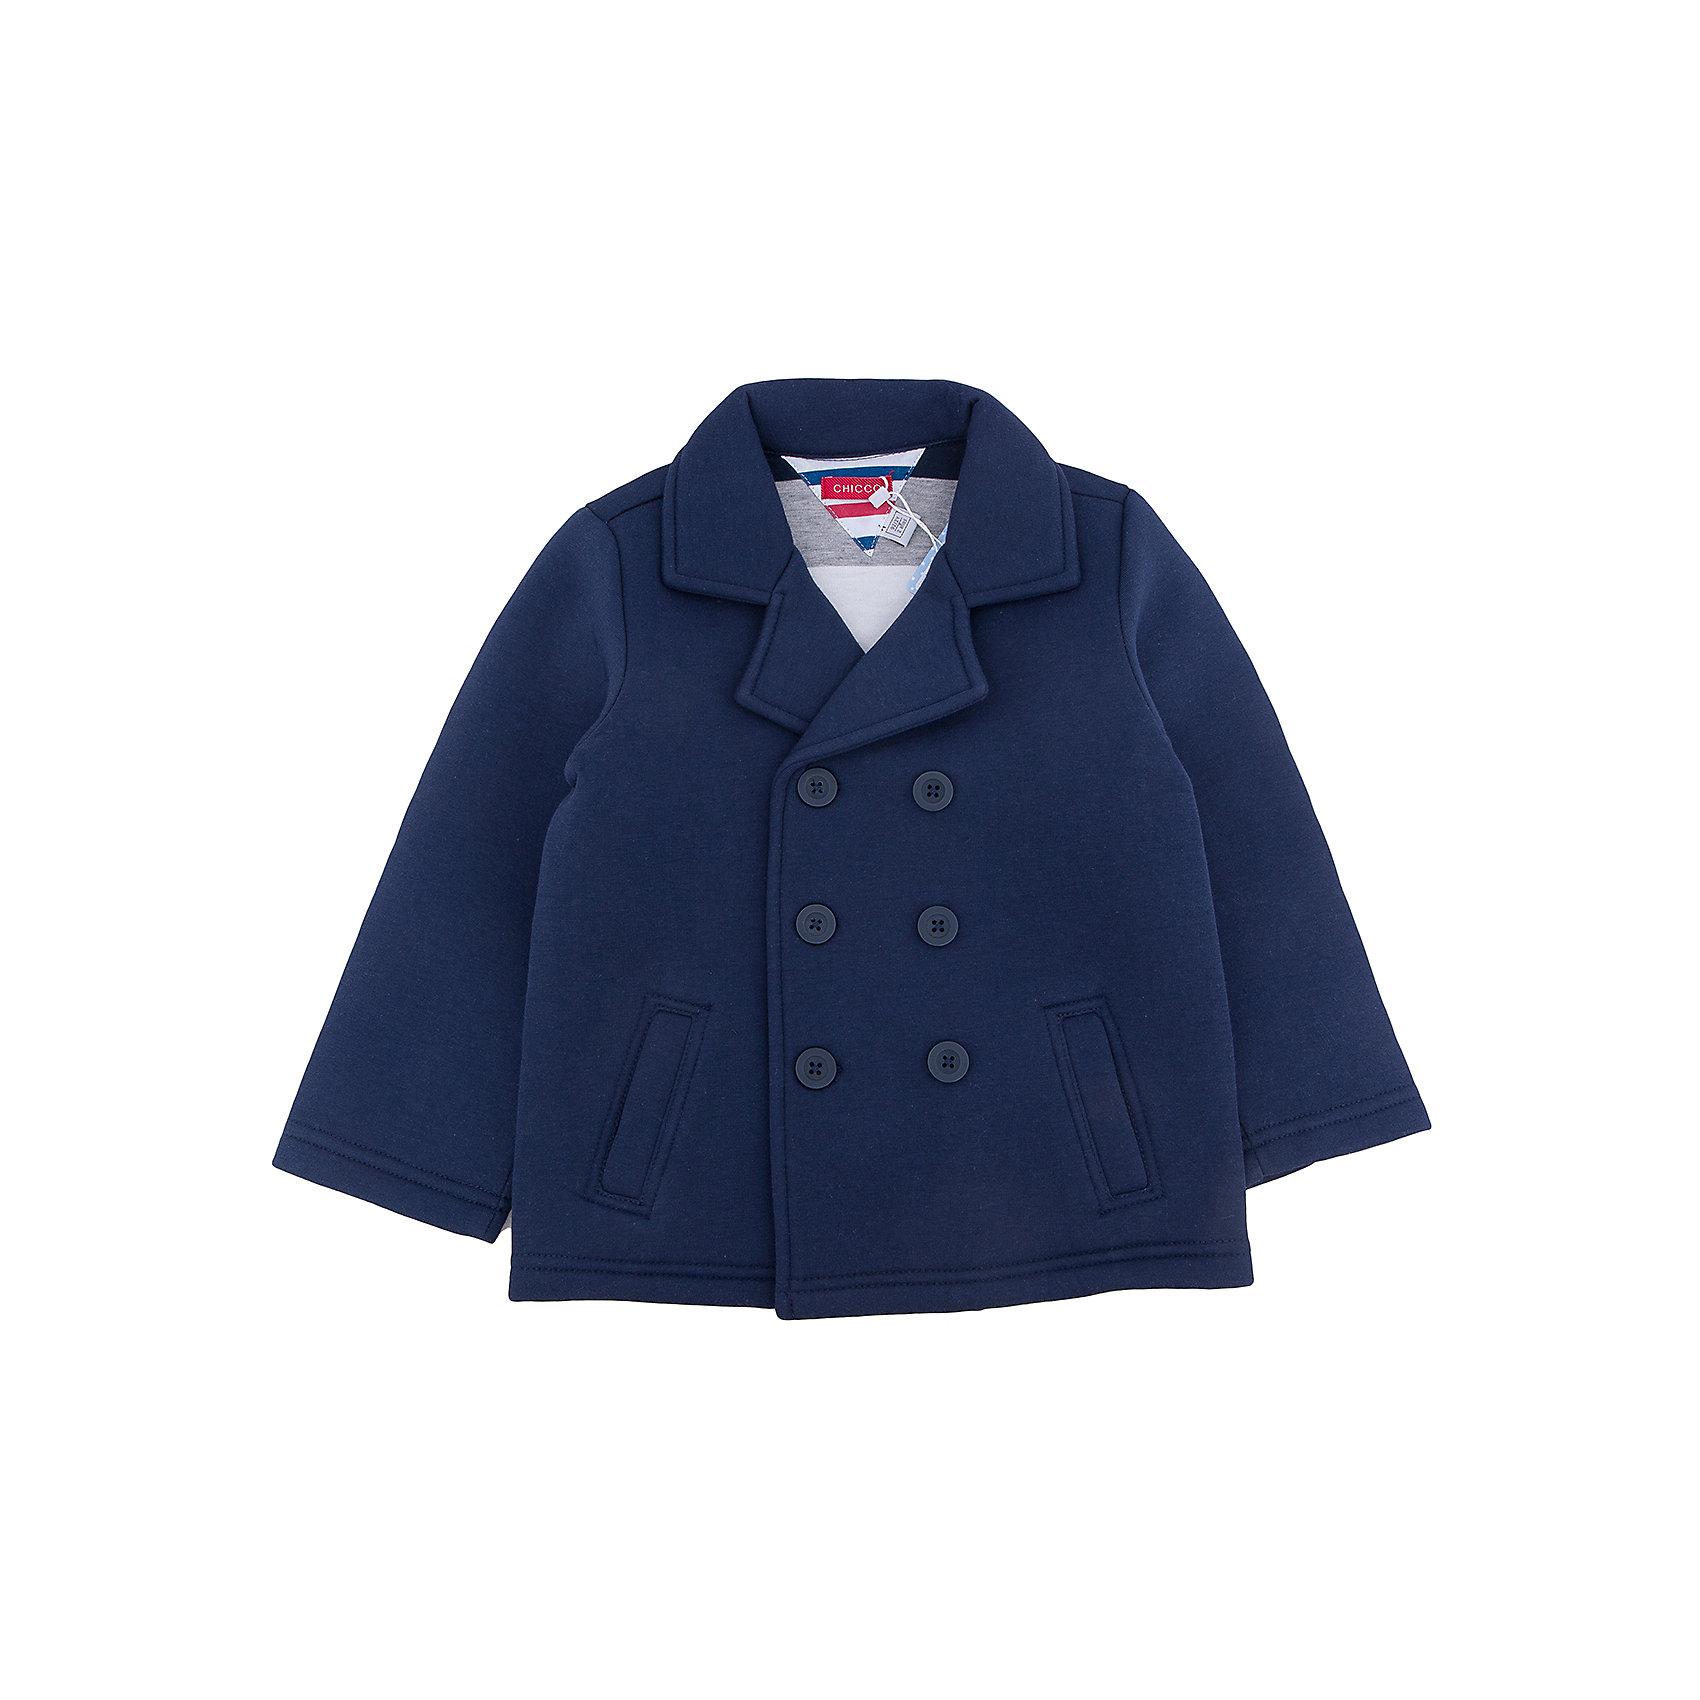 КУРТКА  для мальчика CHICCOВерхняя одежда<br>Куртка CHICCO для мальчика<br><br>Характеристики:<br><br>Материал: хлопковая ткань<br>Вид застежки: пуговицы<br>Силуэт: приталенный<br>Длина рукава: длинные<br>Тип карманов: с карманами<br><br>Состав: 60% хлопок, 40% полиэстер<br><br>Куртку CHICCO для мальчика можно купить в нашем интернет-магазине.<br><br>Ширина мм: 356<br>Глубина мм: 10<br>Высота мм: 245<br>Вес г: 519<br>Цвет: полуночно-синий<br>Возраст от месяцев: 48<br>Возраст до месяцев: 60<br>Пол: Мужской<br>Возраст: Детский<br>Размер: 110,116,122,128,92,98,104<br>SKU: 5079403